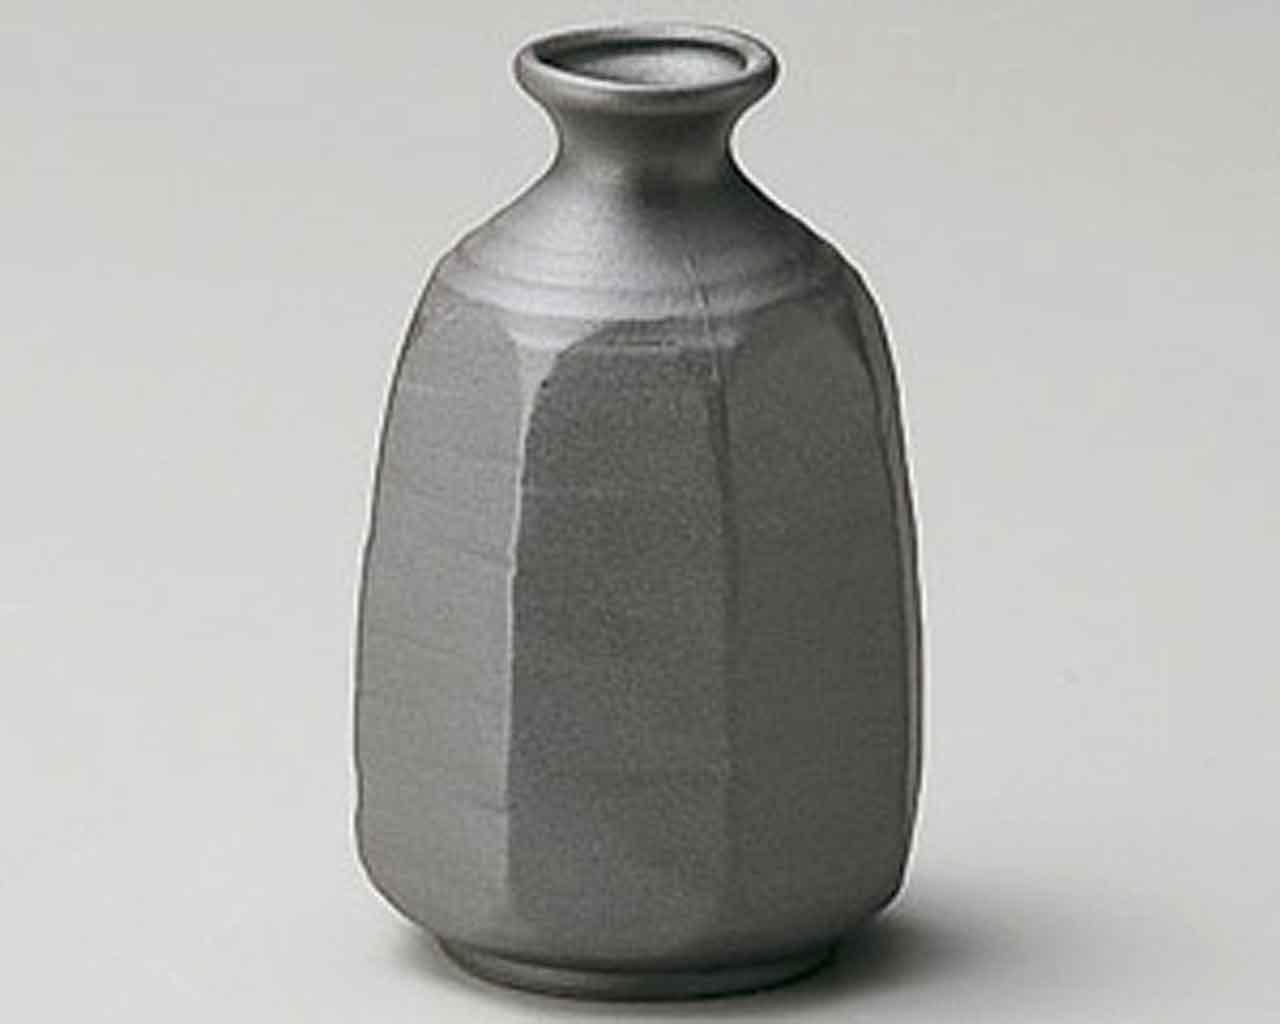 Octagon 2.8inch Sake carafe Black Ceramic Made in Japan